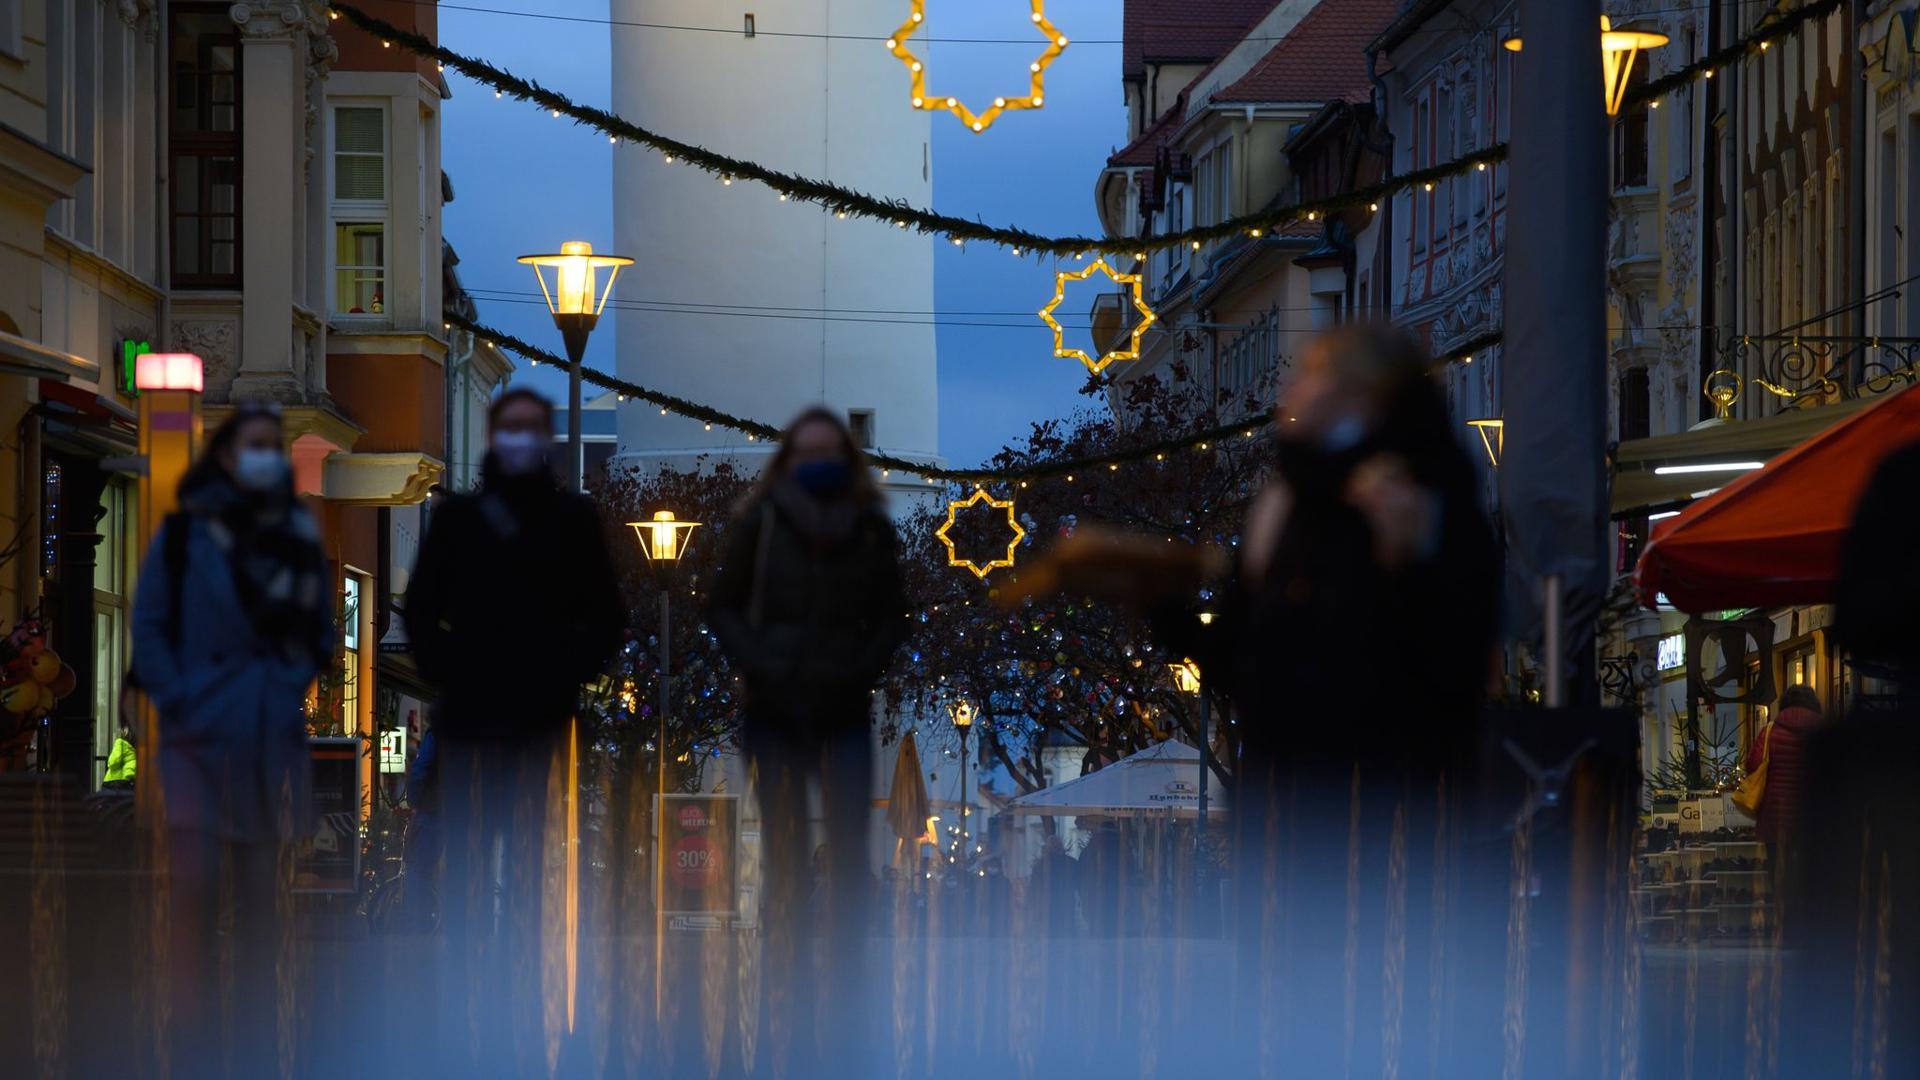 Passanten mit Mund-Nasen-Schutz gehen durch eine festlich dekorierte Fußgängerzone.